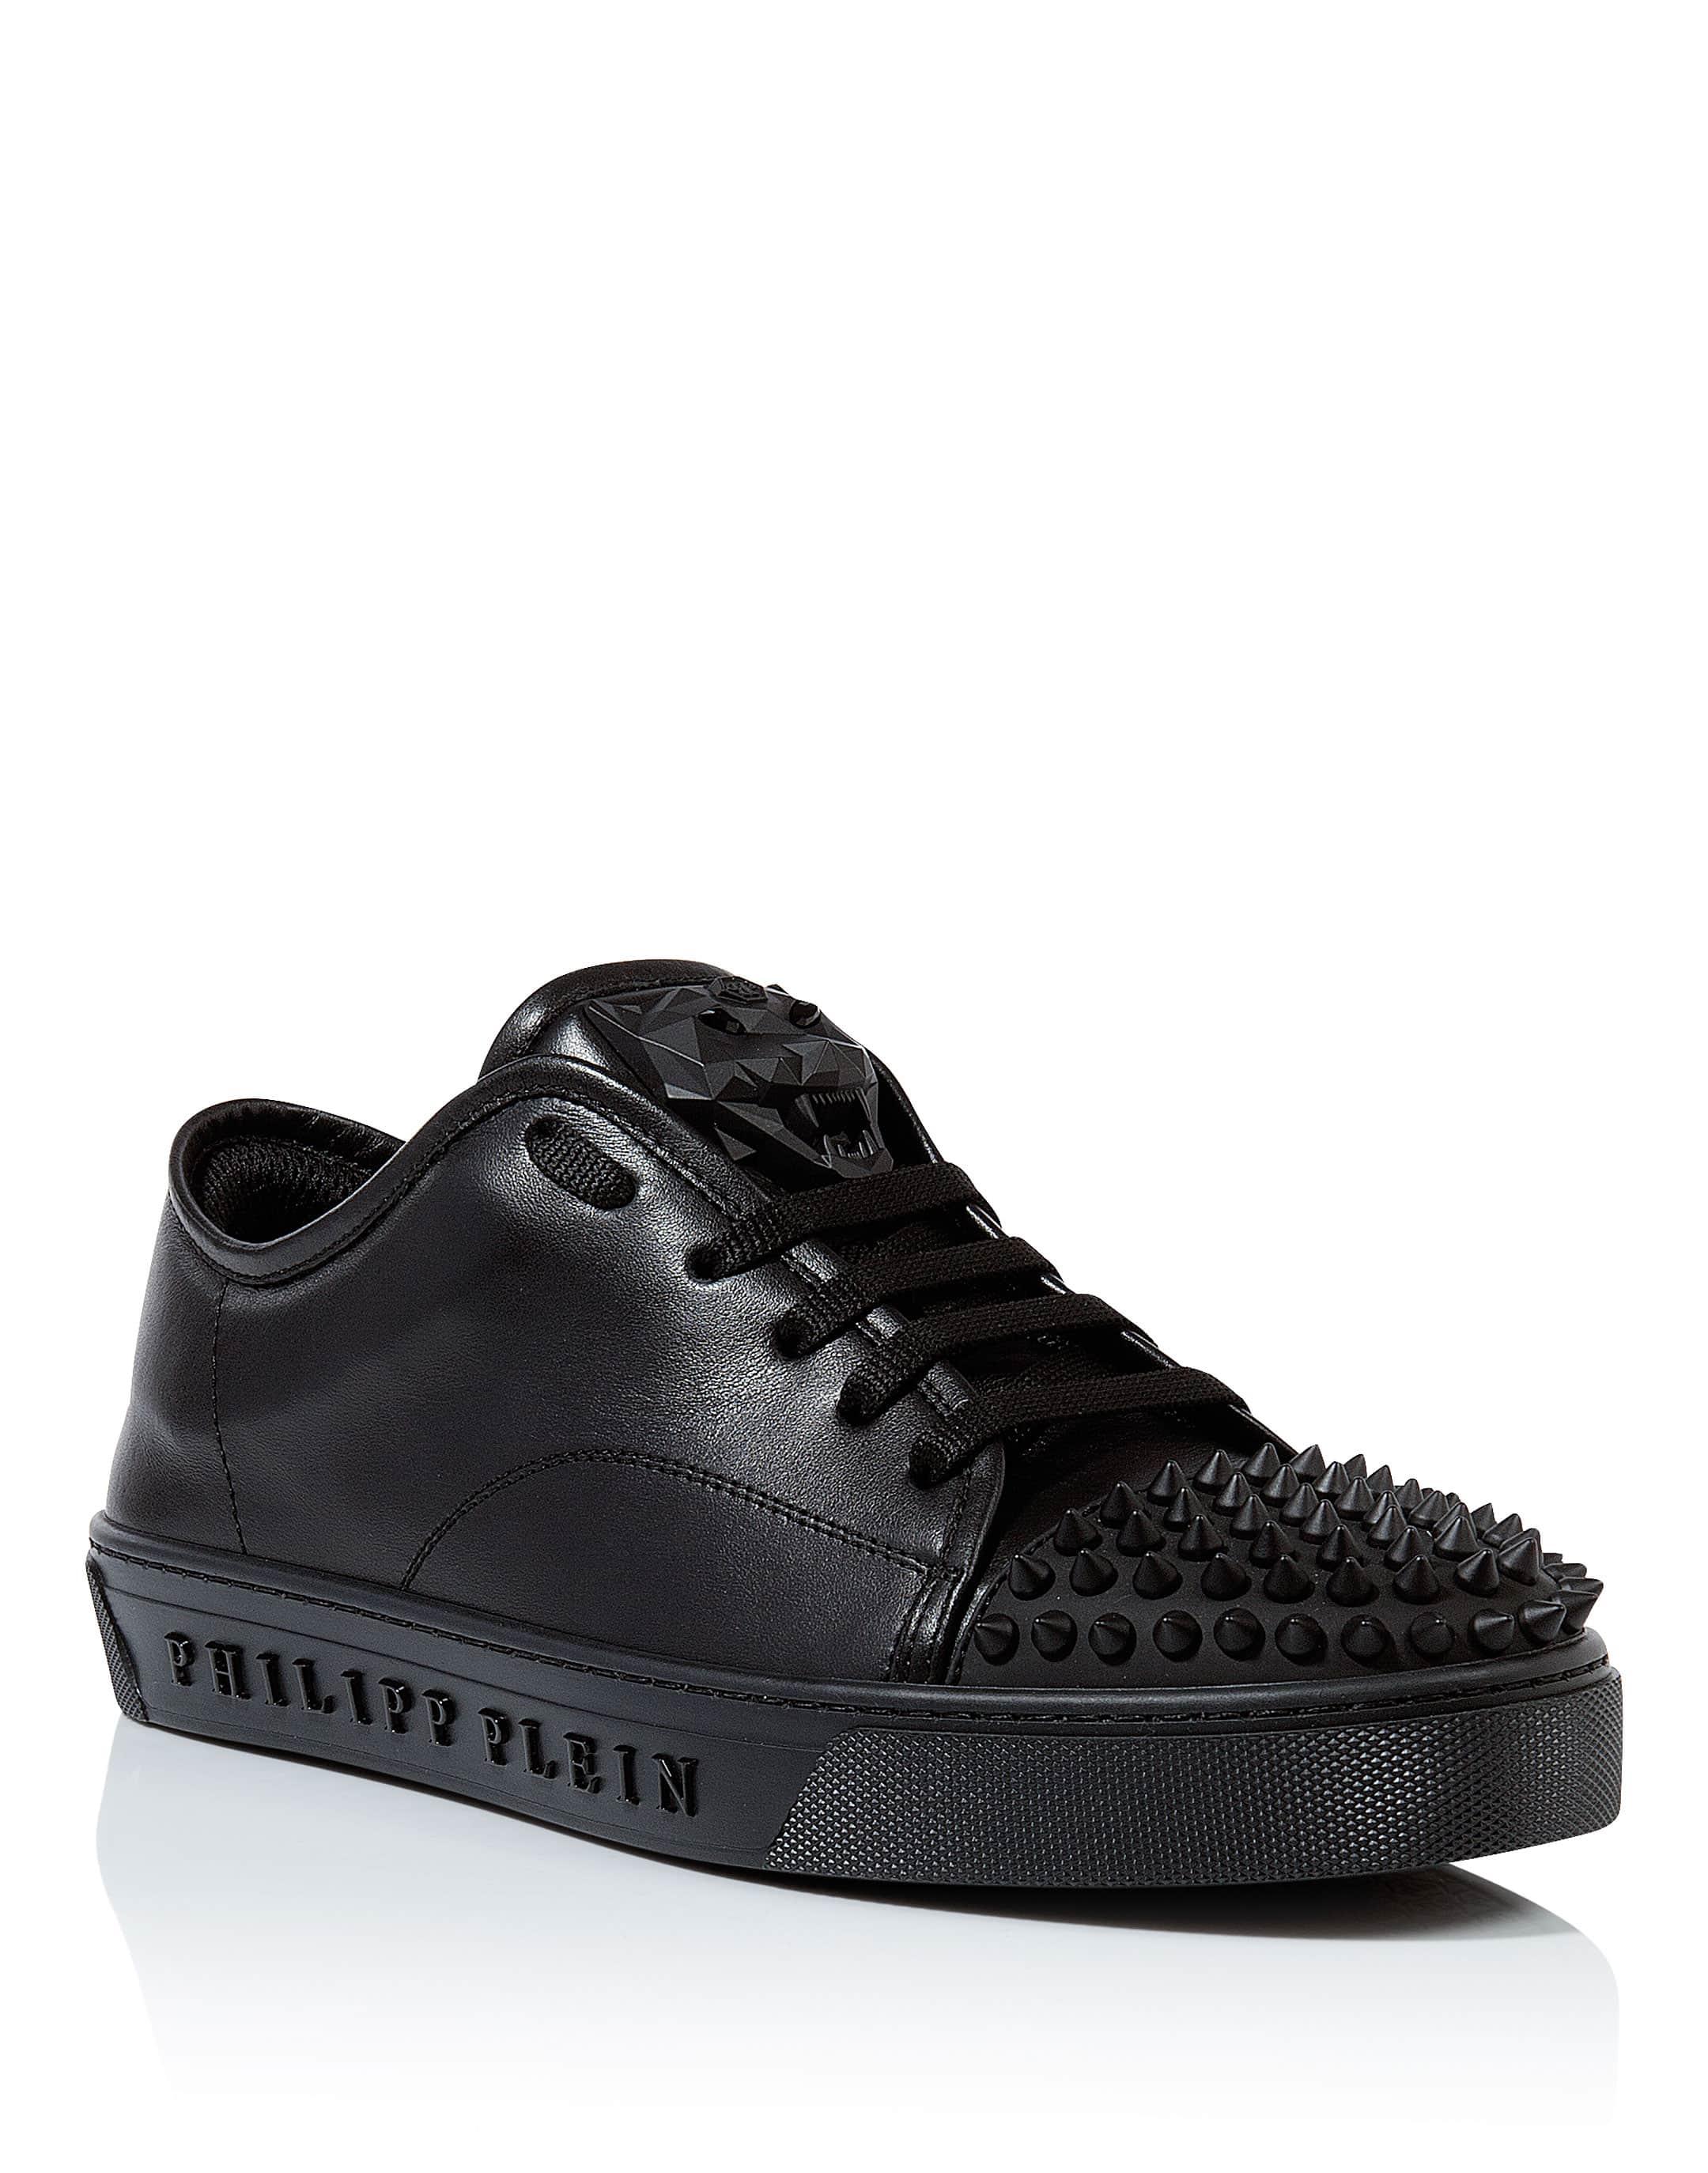 562cae4e1d3 Lo-Top Sneakers